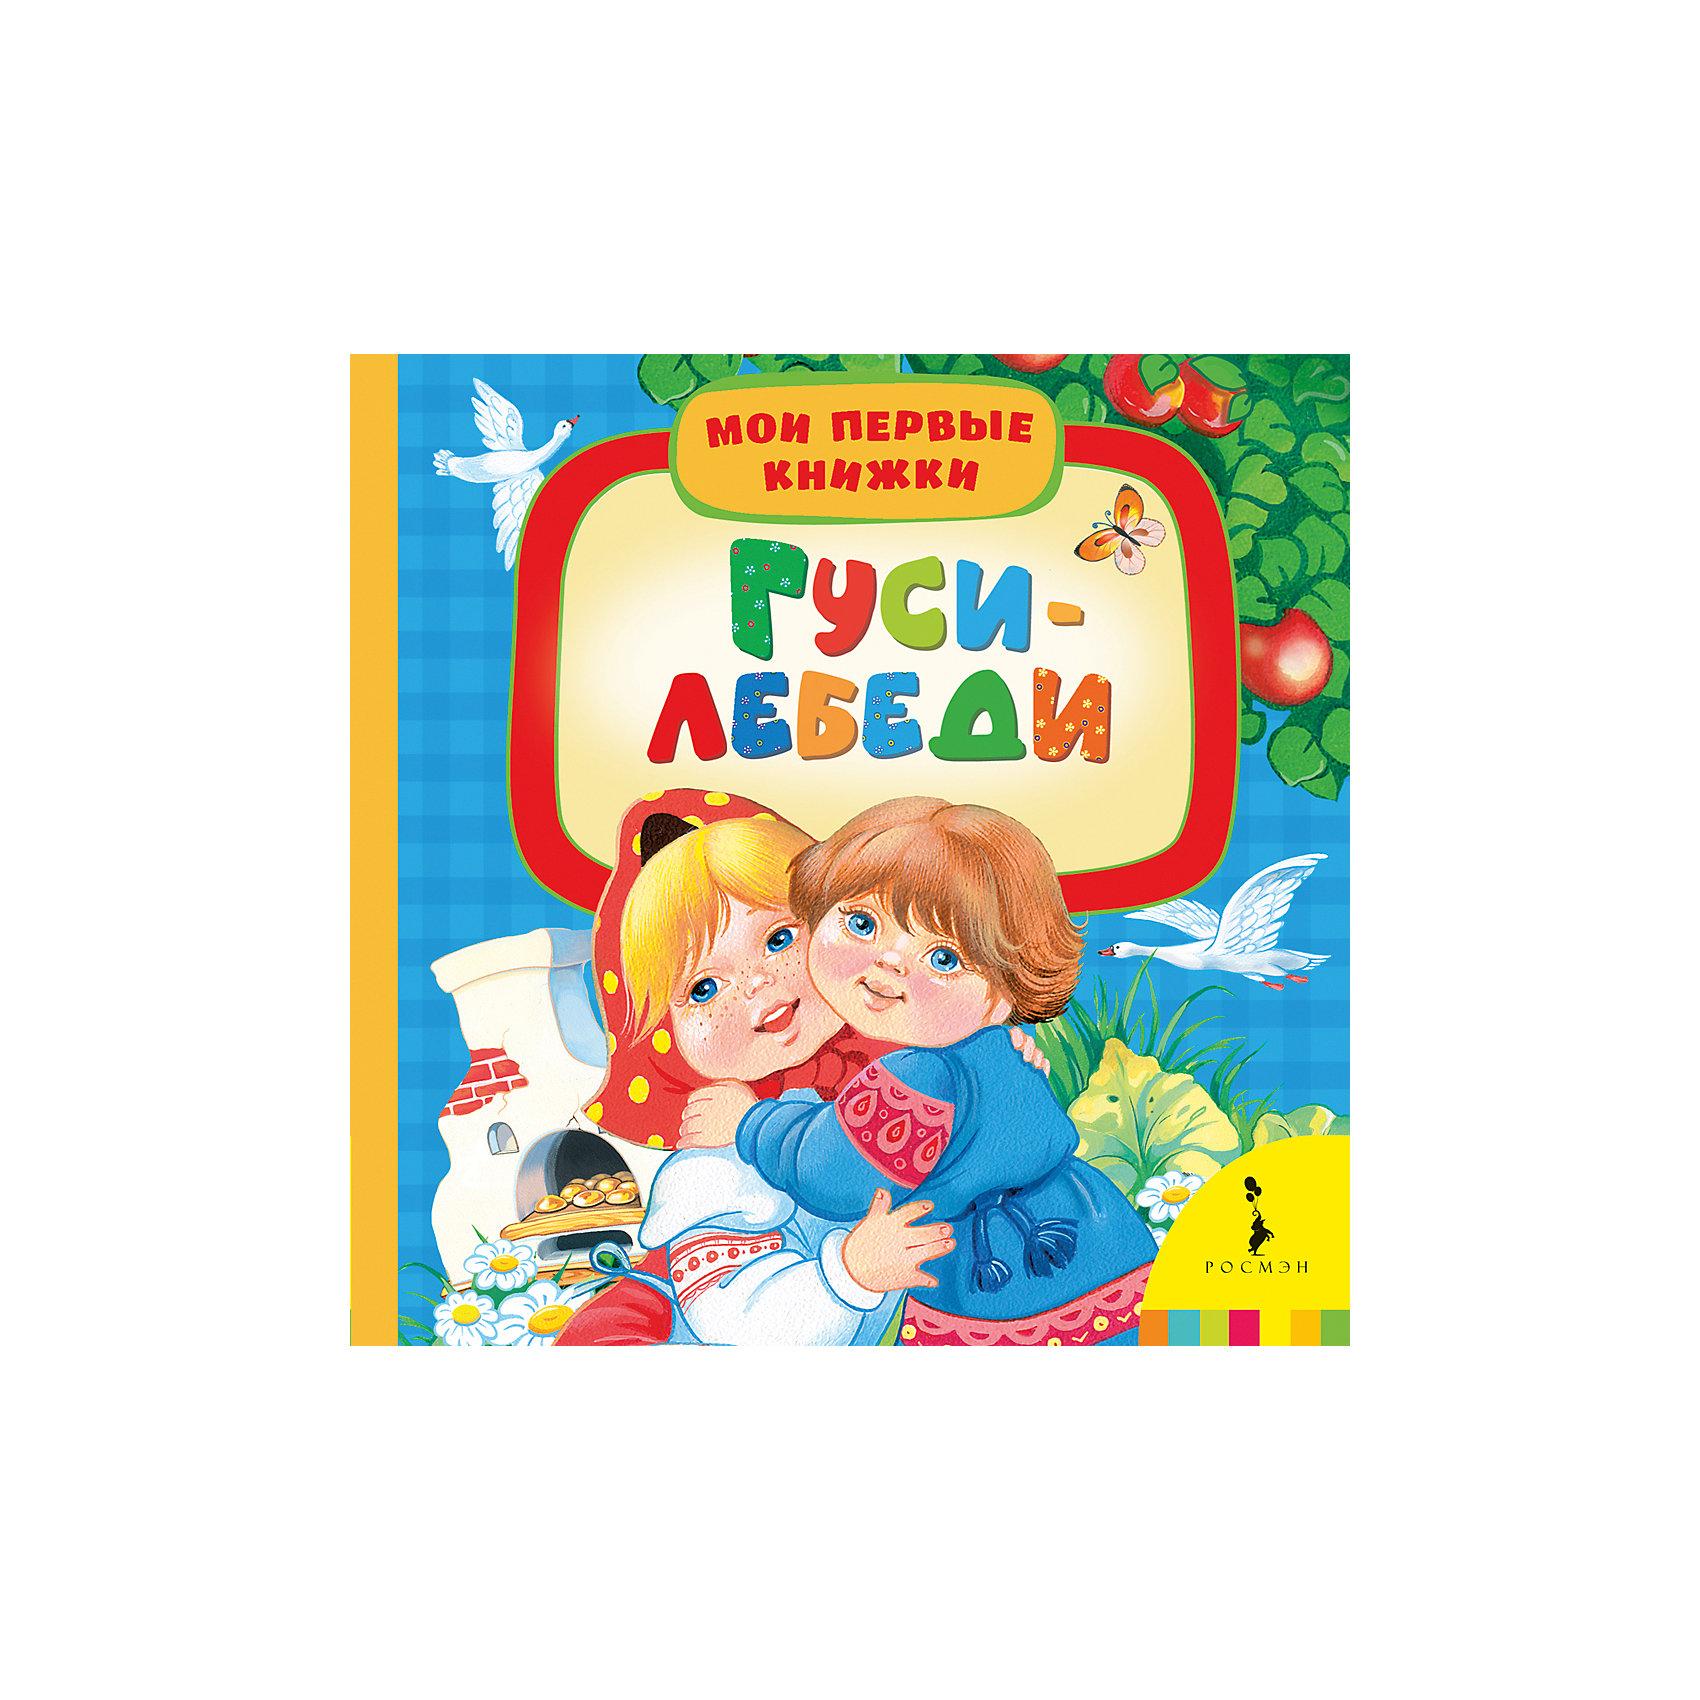 Гуси-лебеди, Мои первые книжкиПервые книги малыша<br>Характеристики товара:<br><br>- цвет: разноцветный;<br>- материал: картон;<br>- страниц: 14;<br>- формат: 17 х 17 см;<br>- обложка: картон;<br>- возраст: от 1 года. <br><br>Издания серии Мои первые книжки - отличный способ занять ребенка! Эта красочная книга станет отличным подарком для родителей и малыша. Она содержит в себе известные сказки, которые так любят дети. Отличный способ привить малышу любовь к чтению! Удобный формат и плотные странички позволят брать книгу с собой в поездки.<br>Чтение и рассматривание картинок даже в юном возрасте помогает ребенку развивать память, концентрацию внимания и воображение. Издание произведено из качественных материалов, которые безопасны даже для самых маленьких.<br><br>Издание Гуси-лебеди, Мои первые книжки от компании Росмэн можно купить в нашем интернет-магазине.<br><br>Ширина мм: 165<br>Глубина мм: 165<br>Высота мм: 18<br>Вес г: 305<br>Возраст от месяцев: 0<br>Возраст до месяцев: 36<br>Пол: Унисекс<br>Возраст: Детский<br>SKU: 5110286